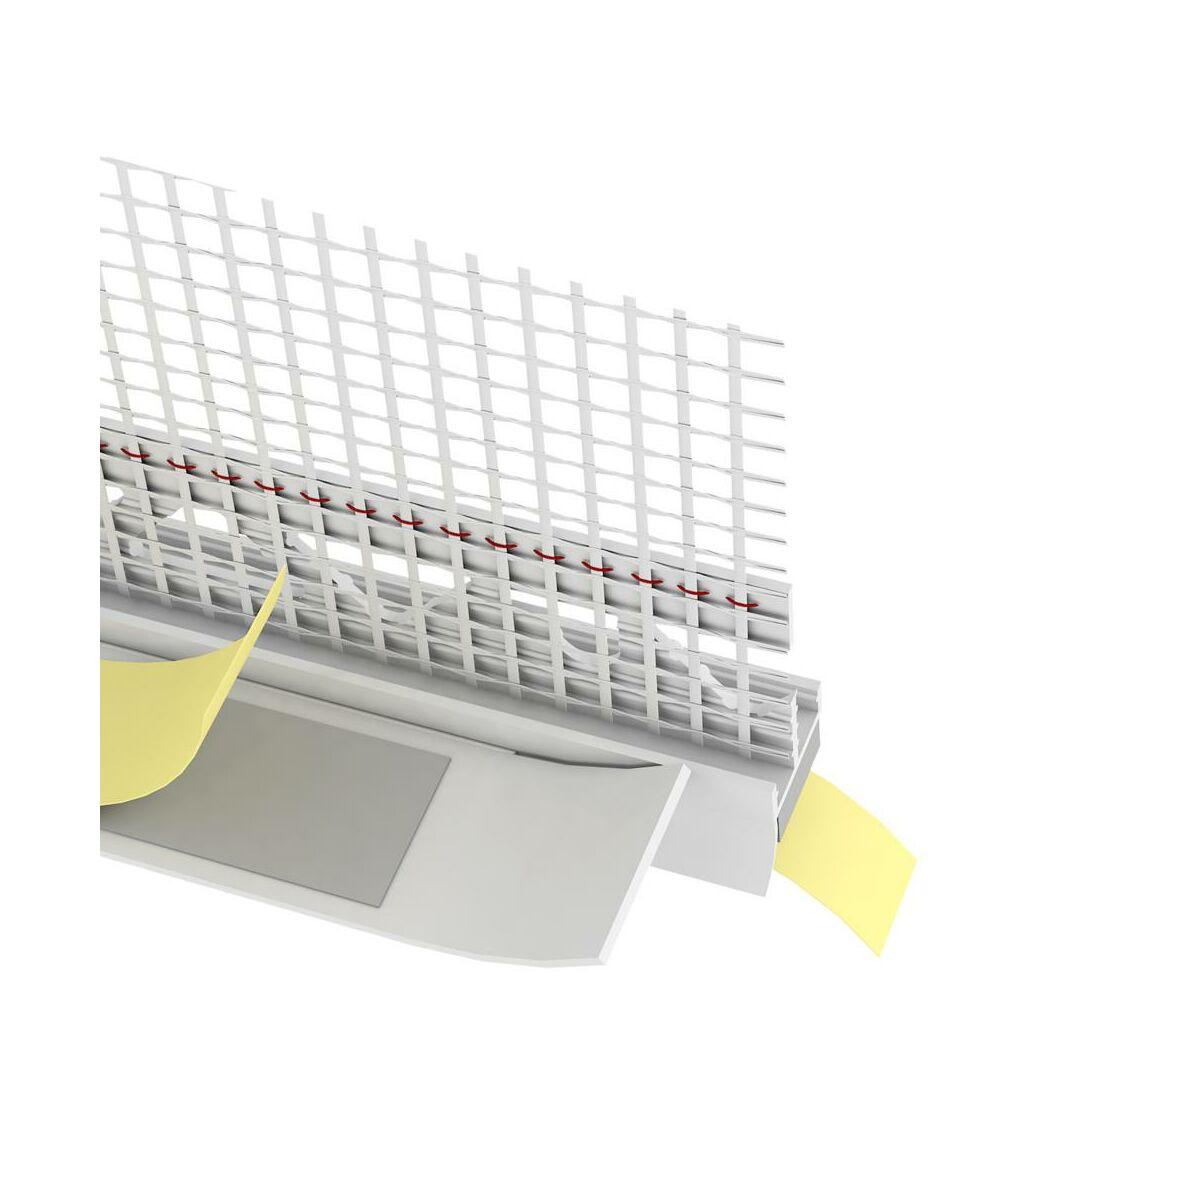 Listwa Przytynkowa Pcv Z Siatka 2 6 M Protektor Akcesoria Montazowe Do Systemow Docieplen W Atrakcyjnej Cenie W Sklepach Leroy Merlin